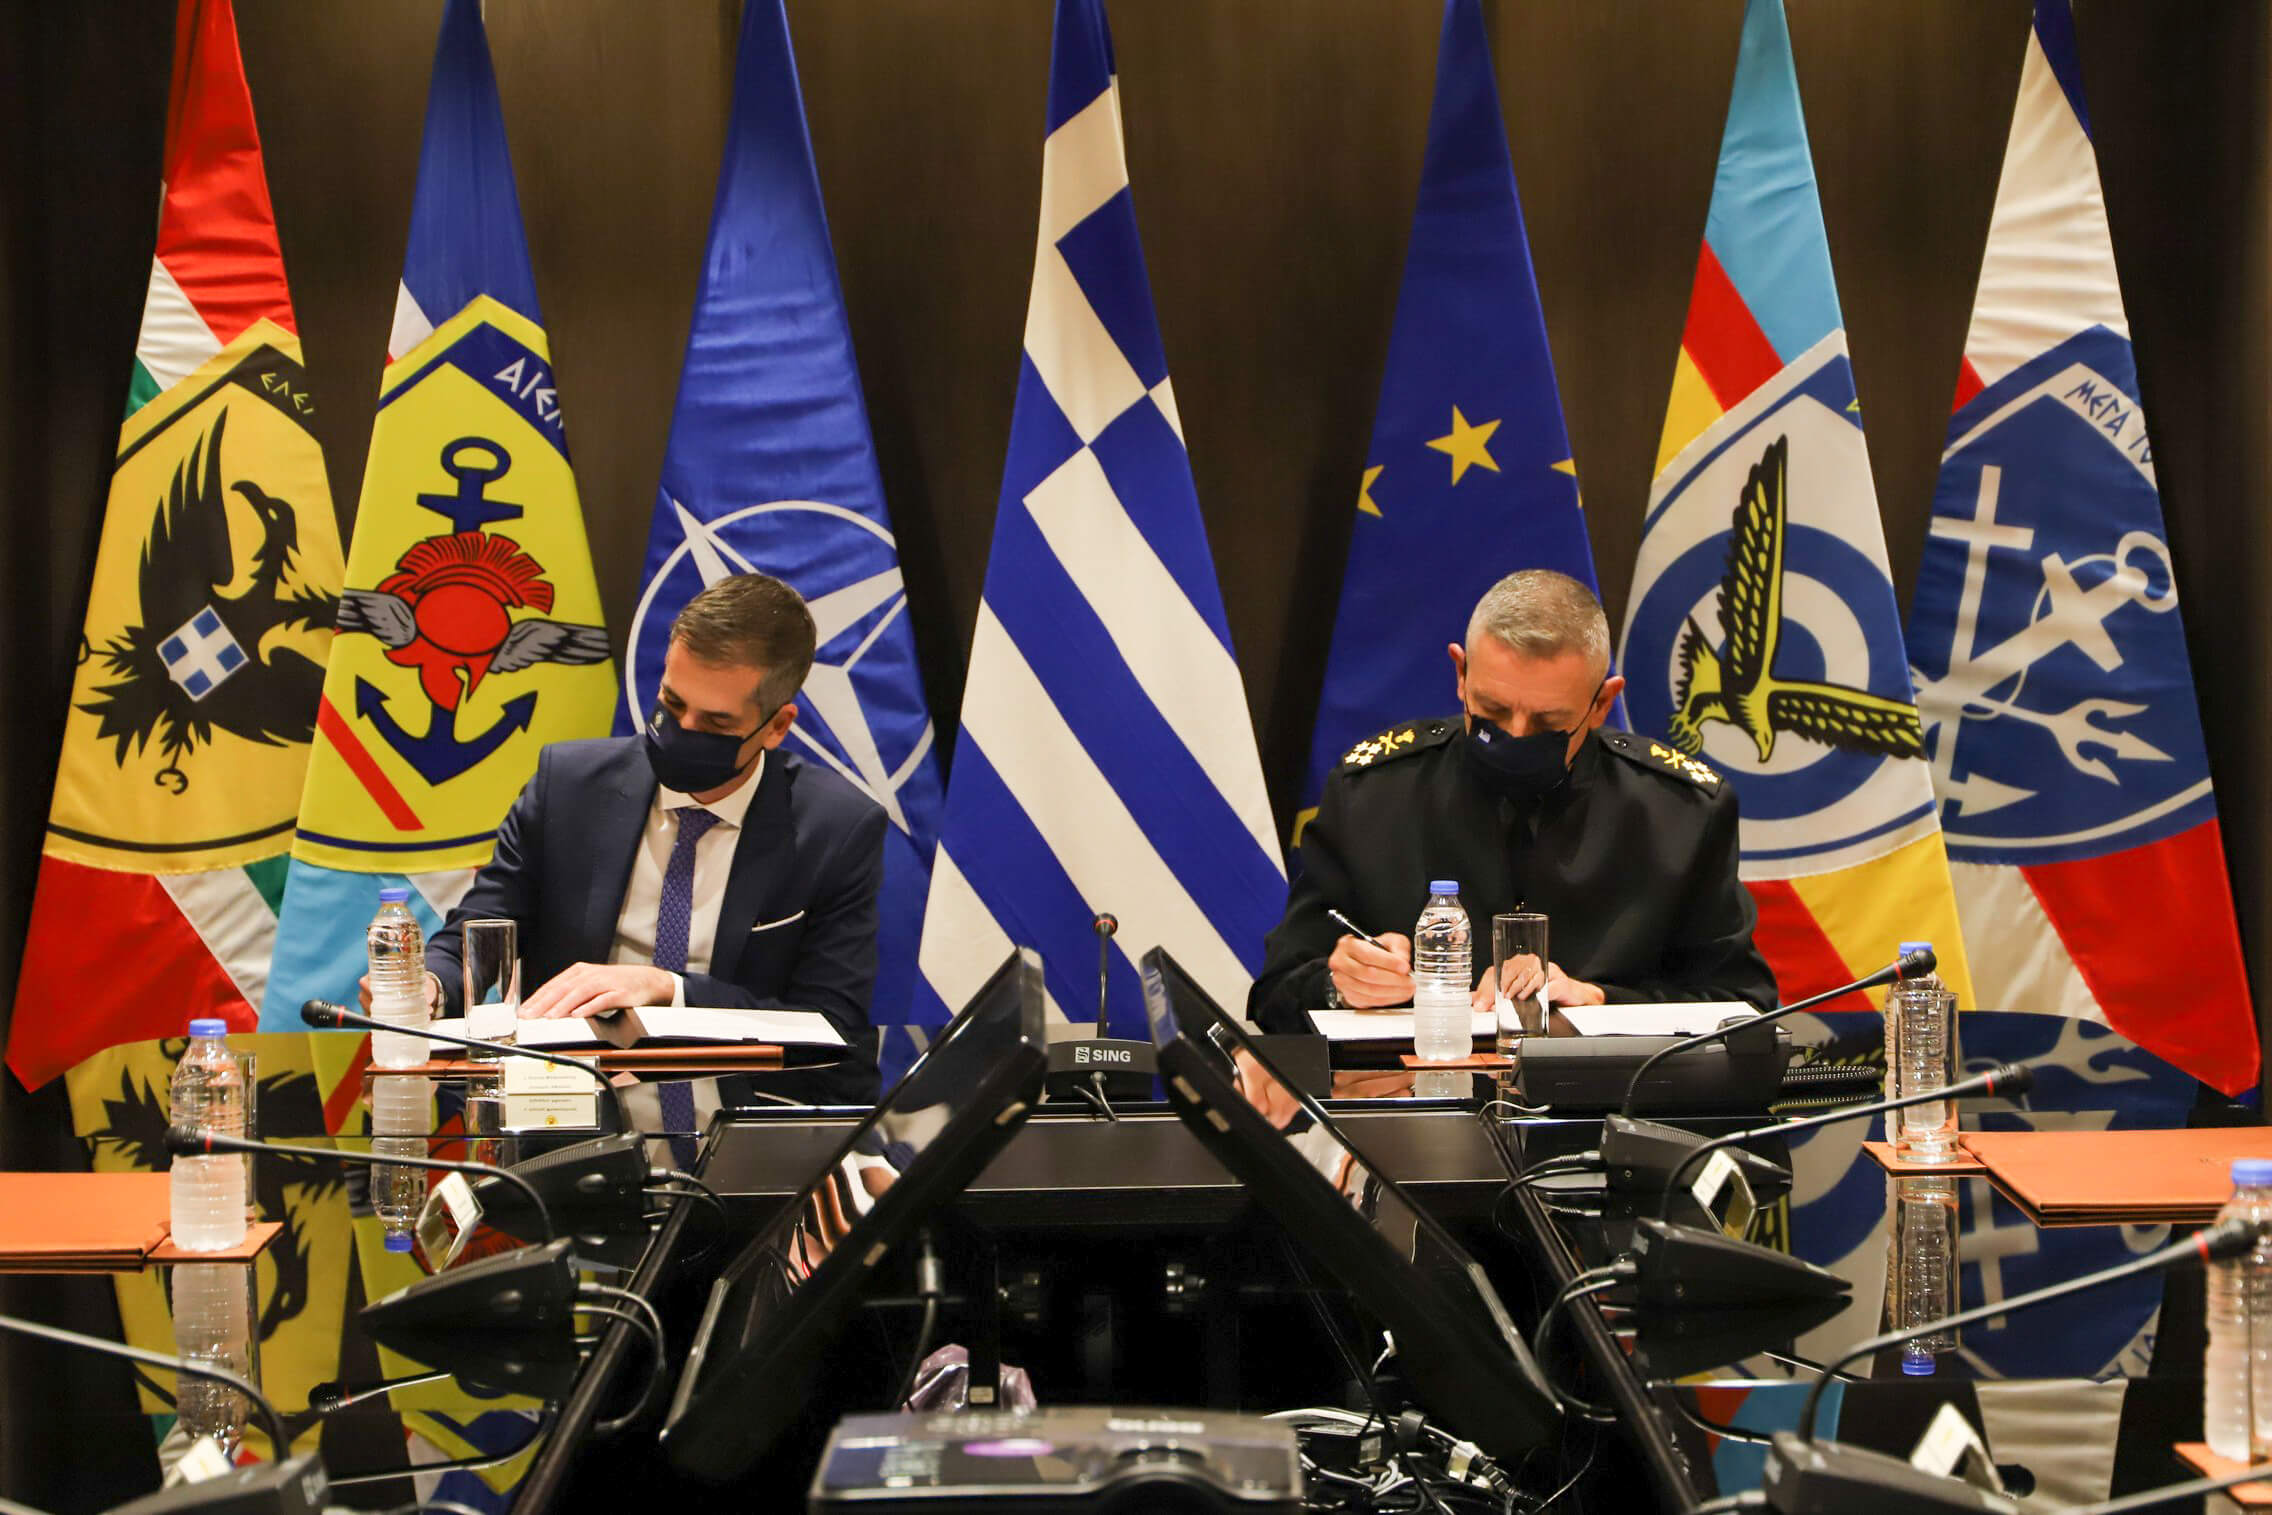 Δήμος Αθηναίων και ΓΕΕΘΑ συνεργάζονται για την ανακύκλωση και την προστασία του περιβάλλοντος